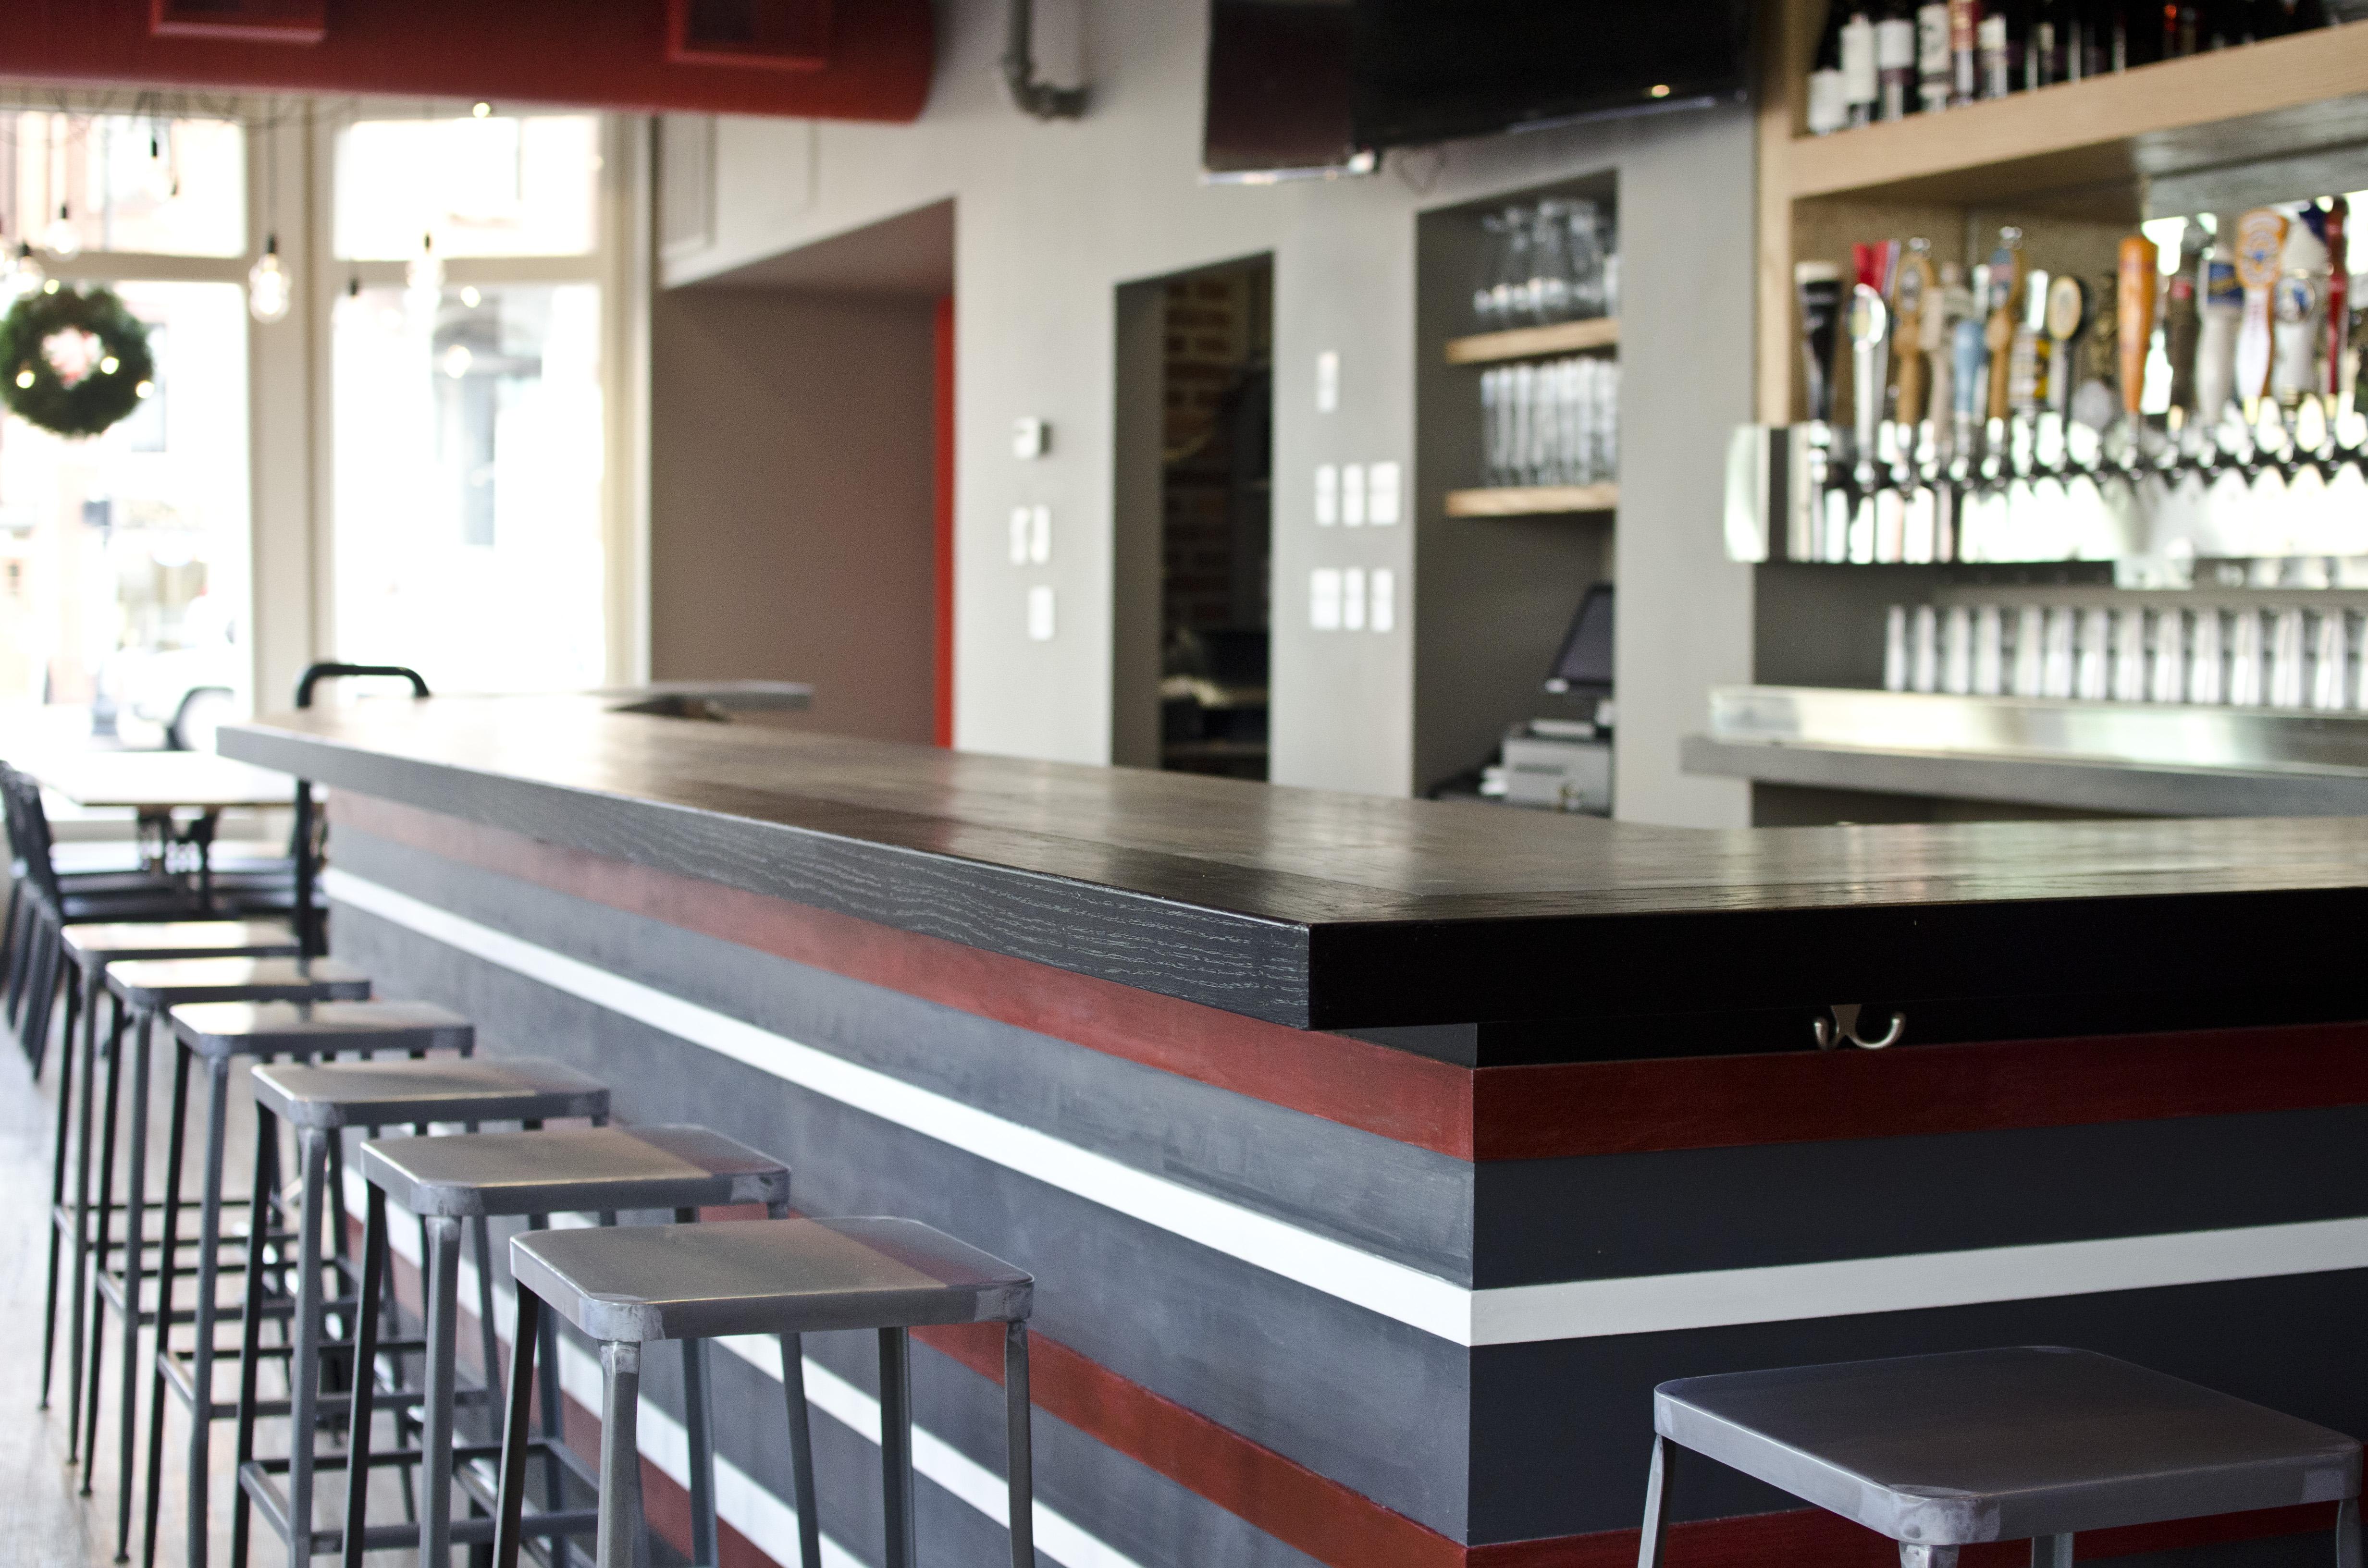 Estelle's, pre-renovation